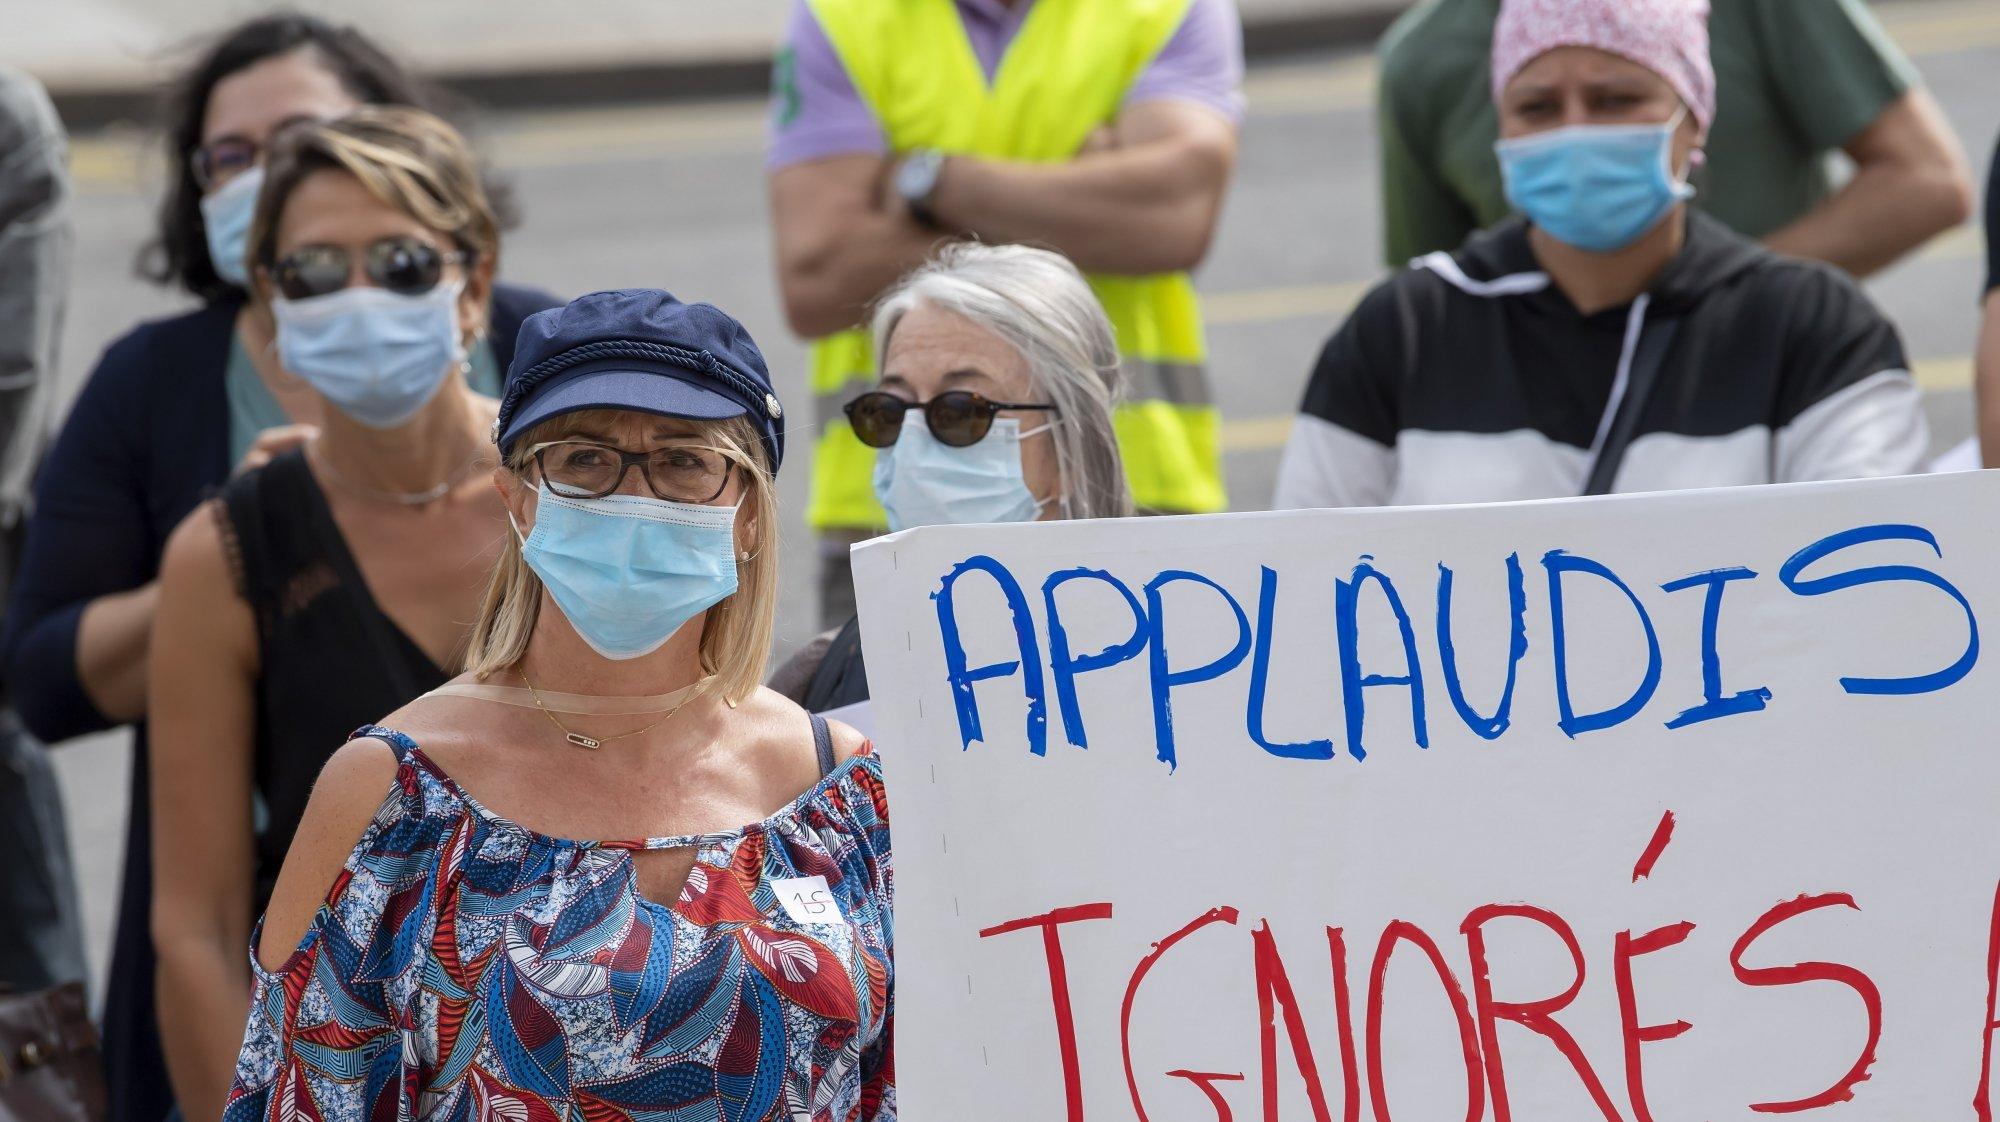 Epuisés par la pandémie, plus d'une infirmière et infirmier sur 10 a quitté le métier en Suisse